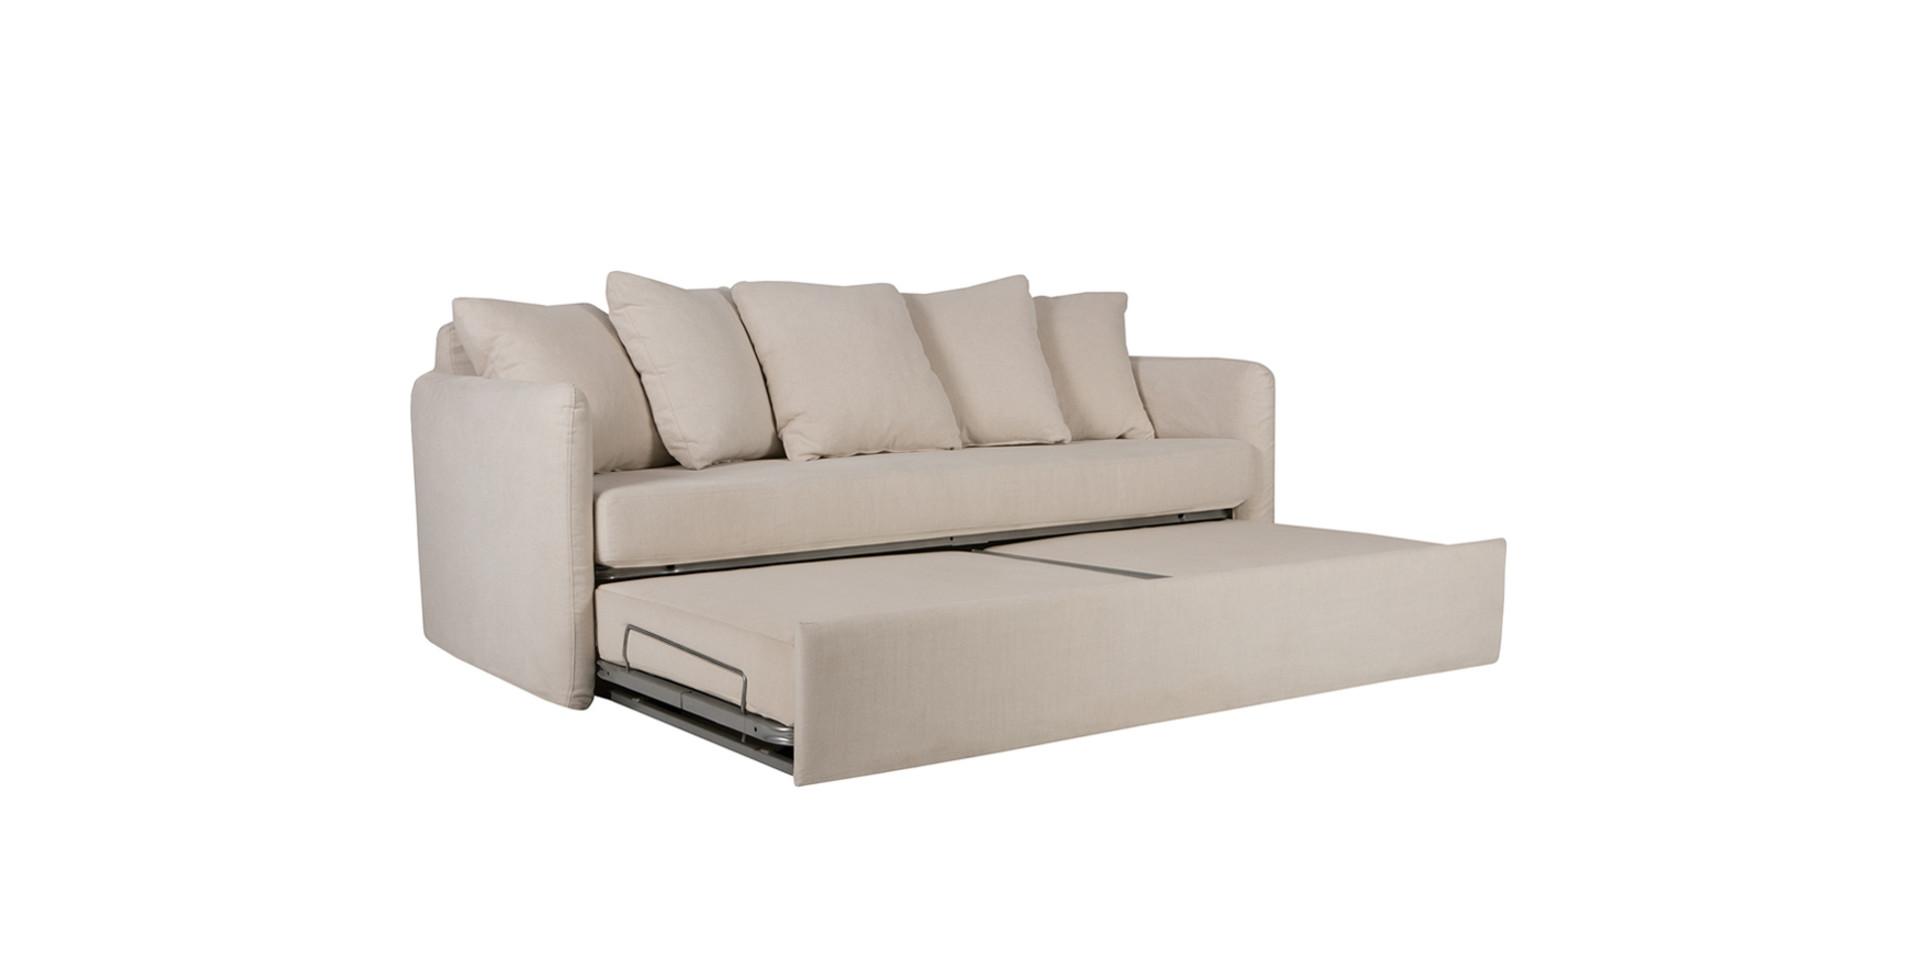 LOTTA_sofa_bed_caleido3790_beige_9